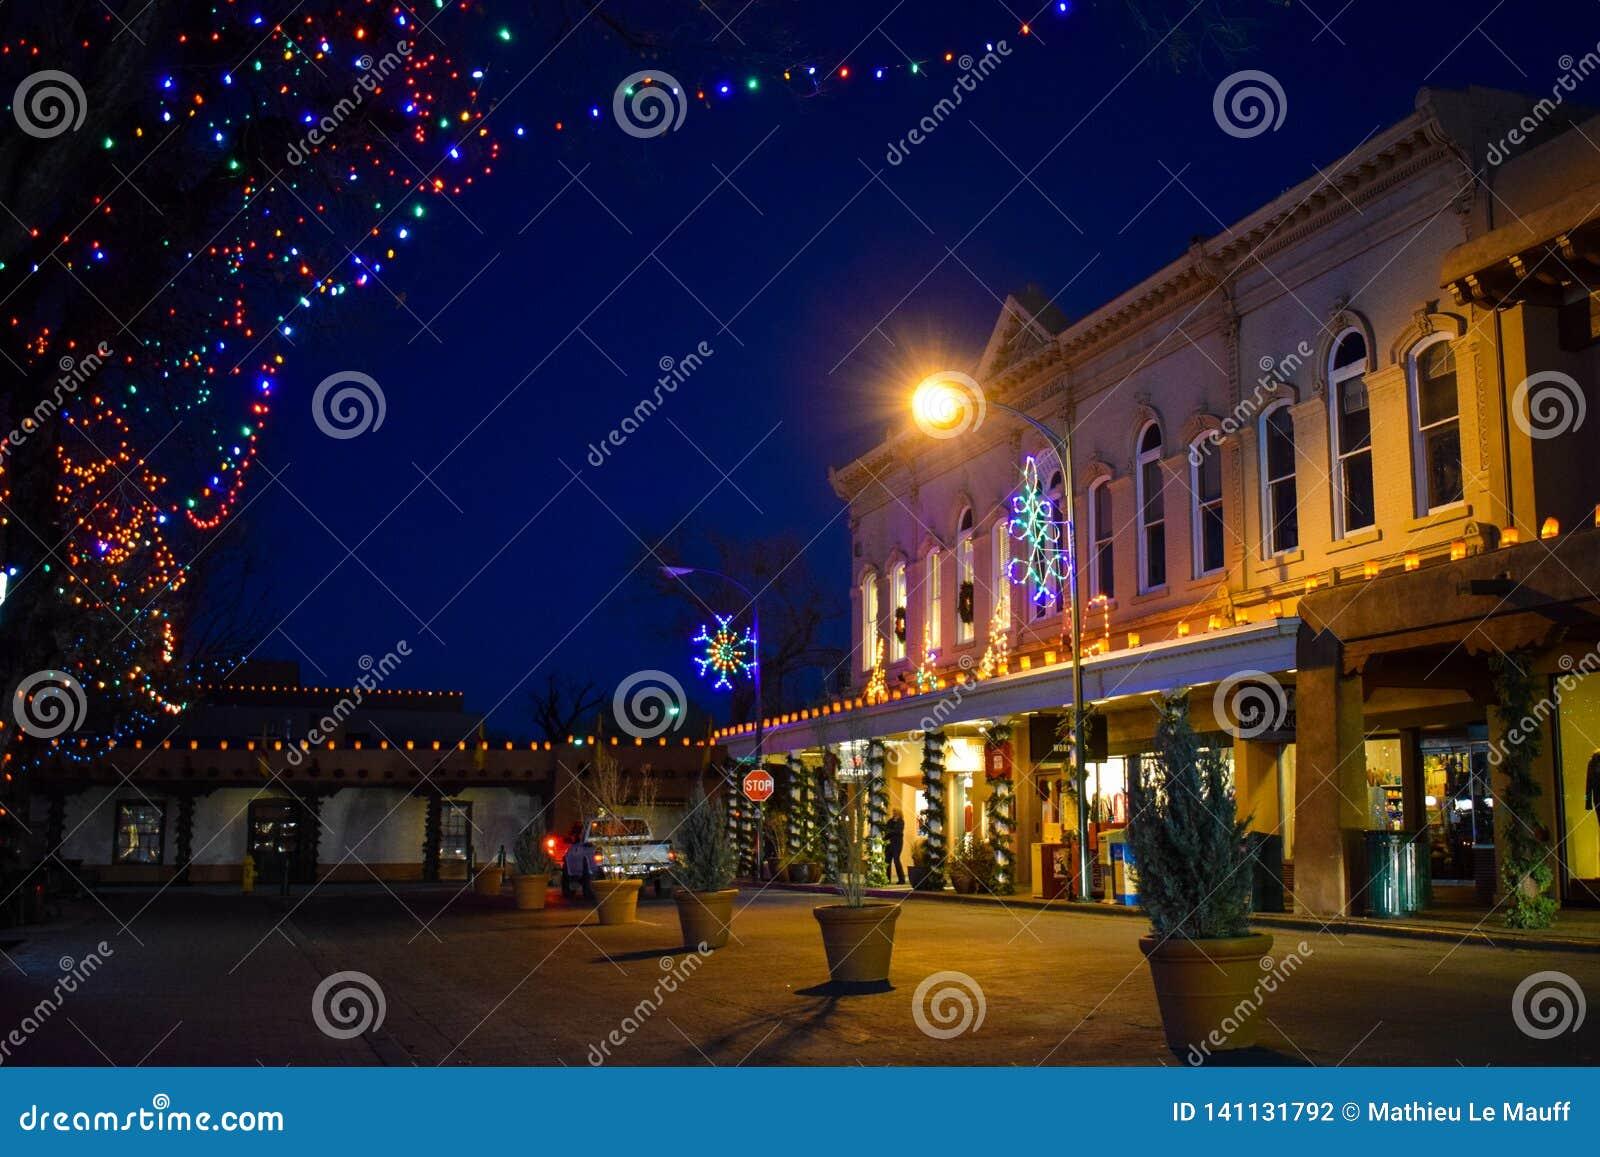 Weihnachtslichter in historischer Santa Fe Plaza, New Mexiko